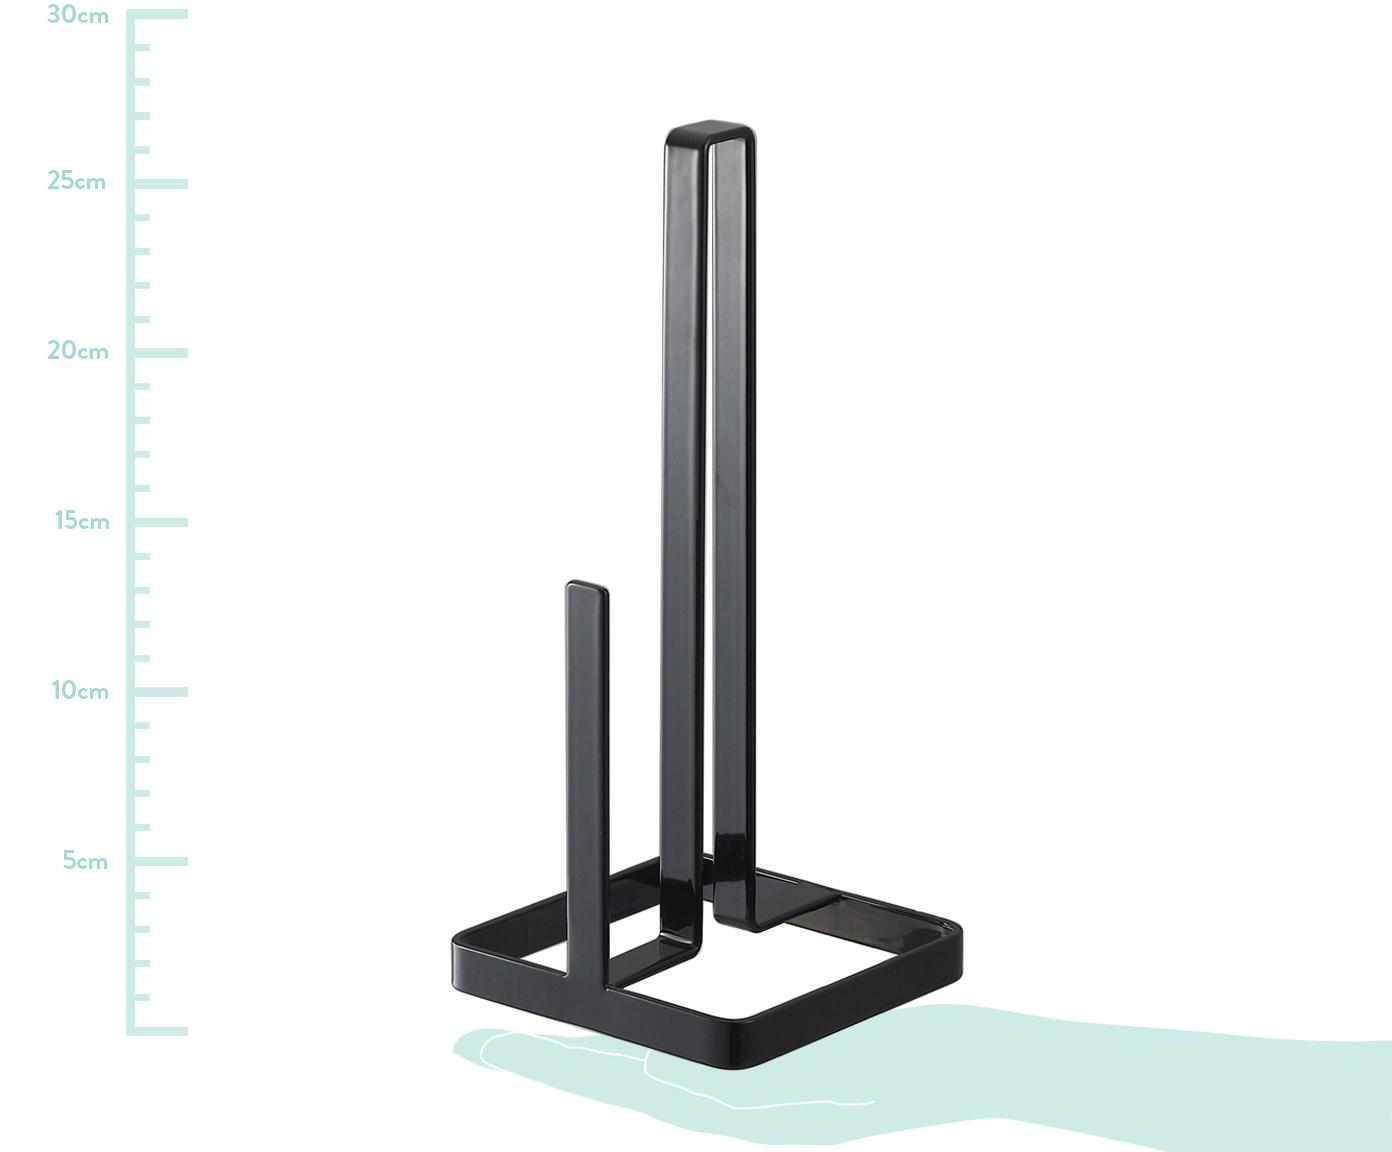 Keukenrolhouder Tower, Gecoat staal, Zwart, 11 x 27 cm